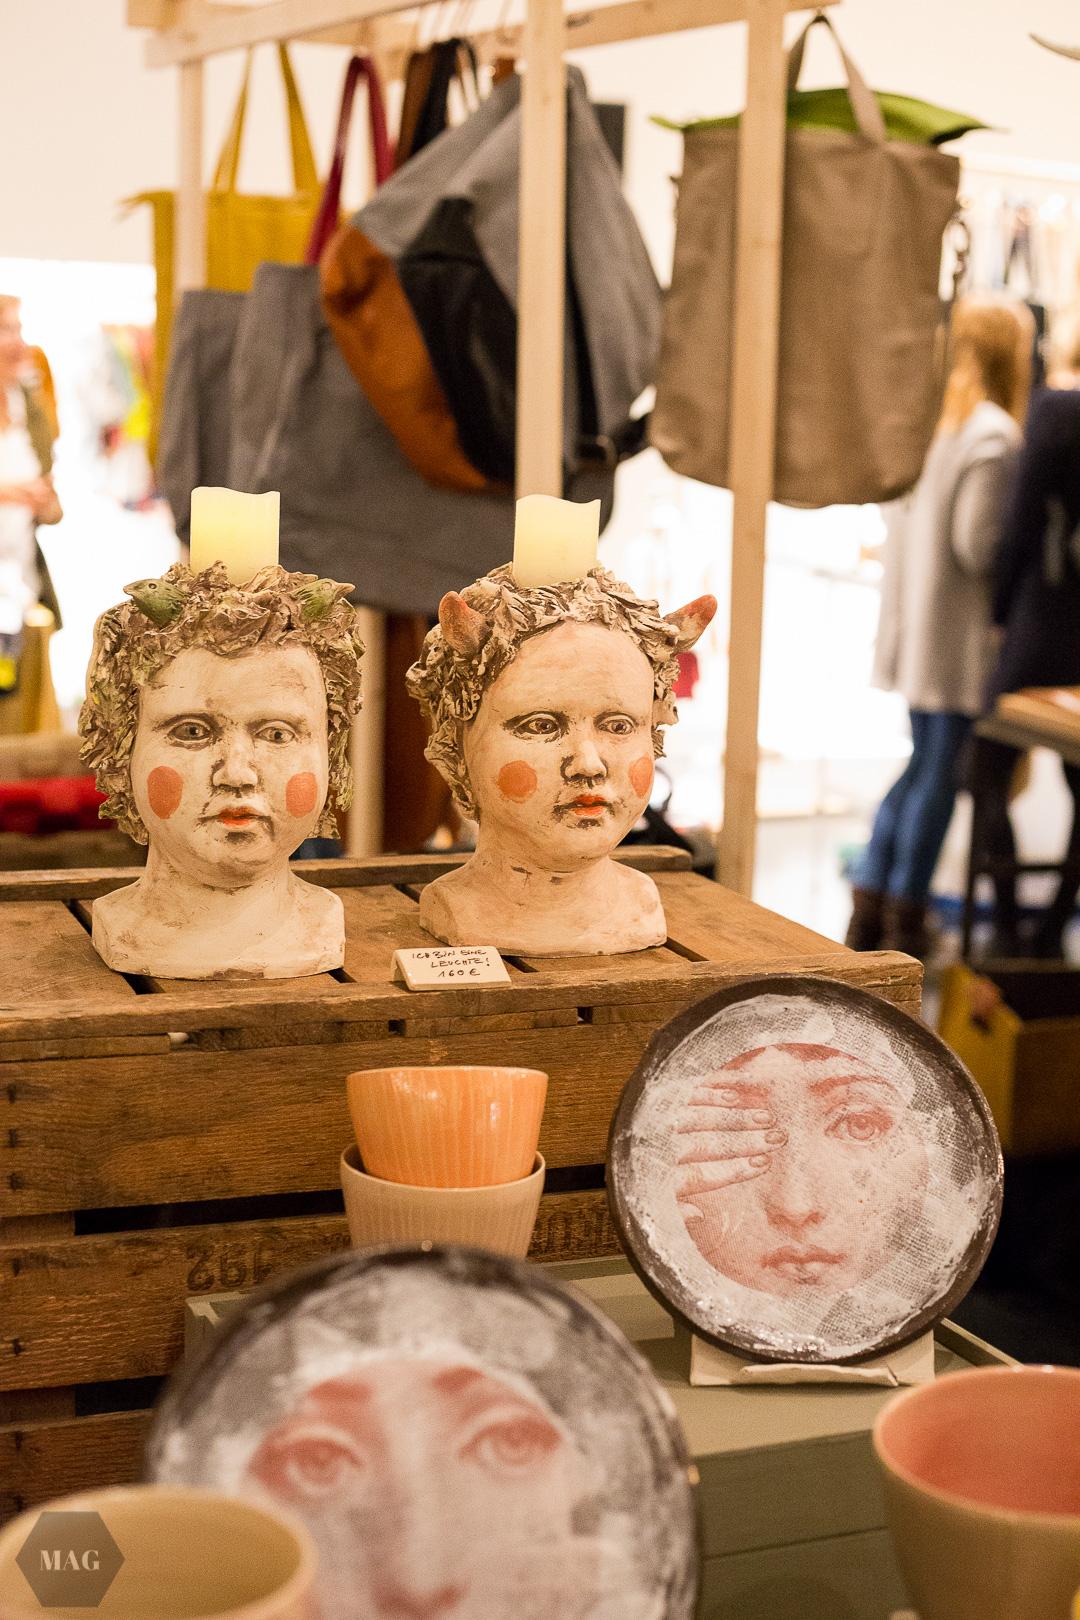 super-weihnachts-markt, designmarkt, kunstmarkt, dawanda markt, köln barthonia showroom, weihnachtsmarkt, weihnachtsgeschenke kaufen köln